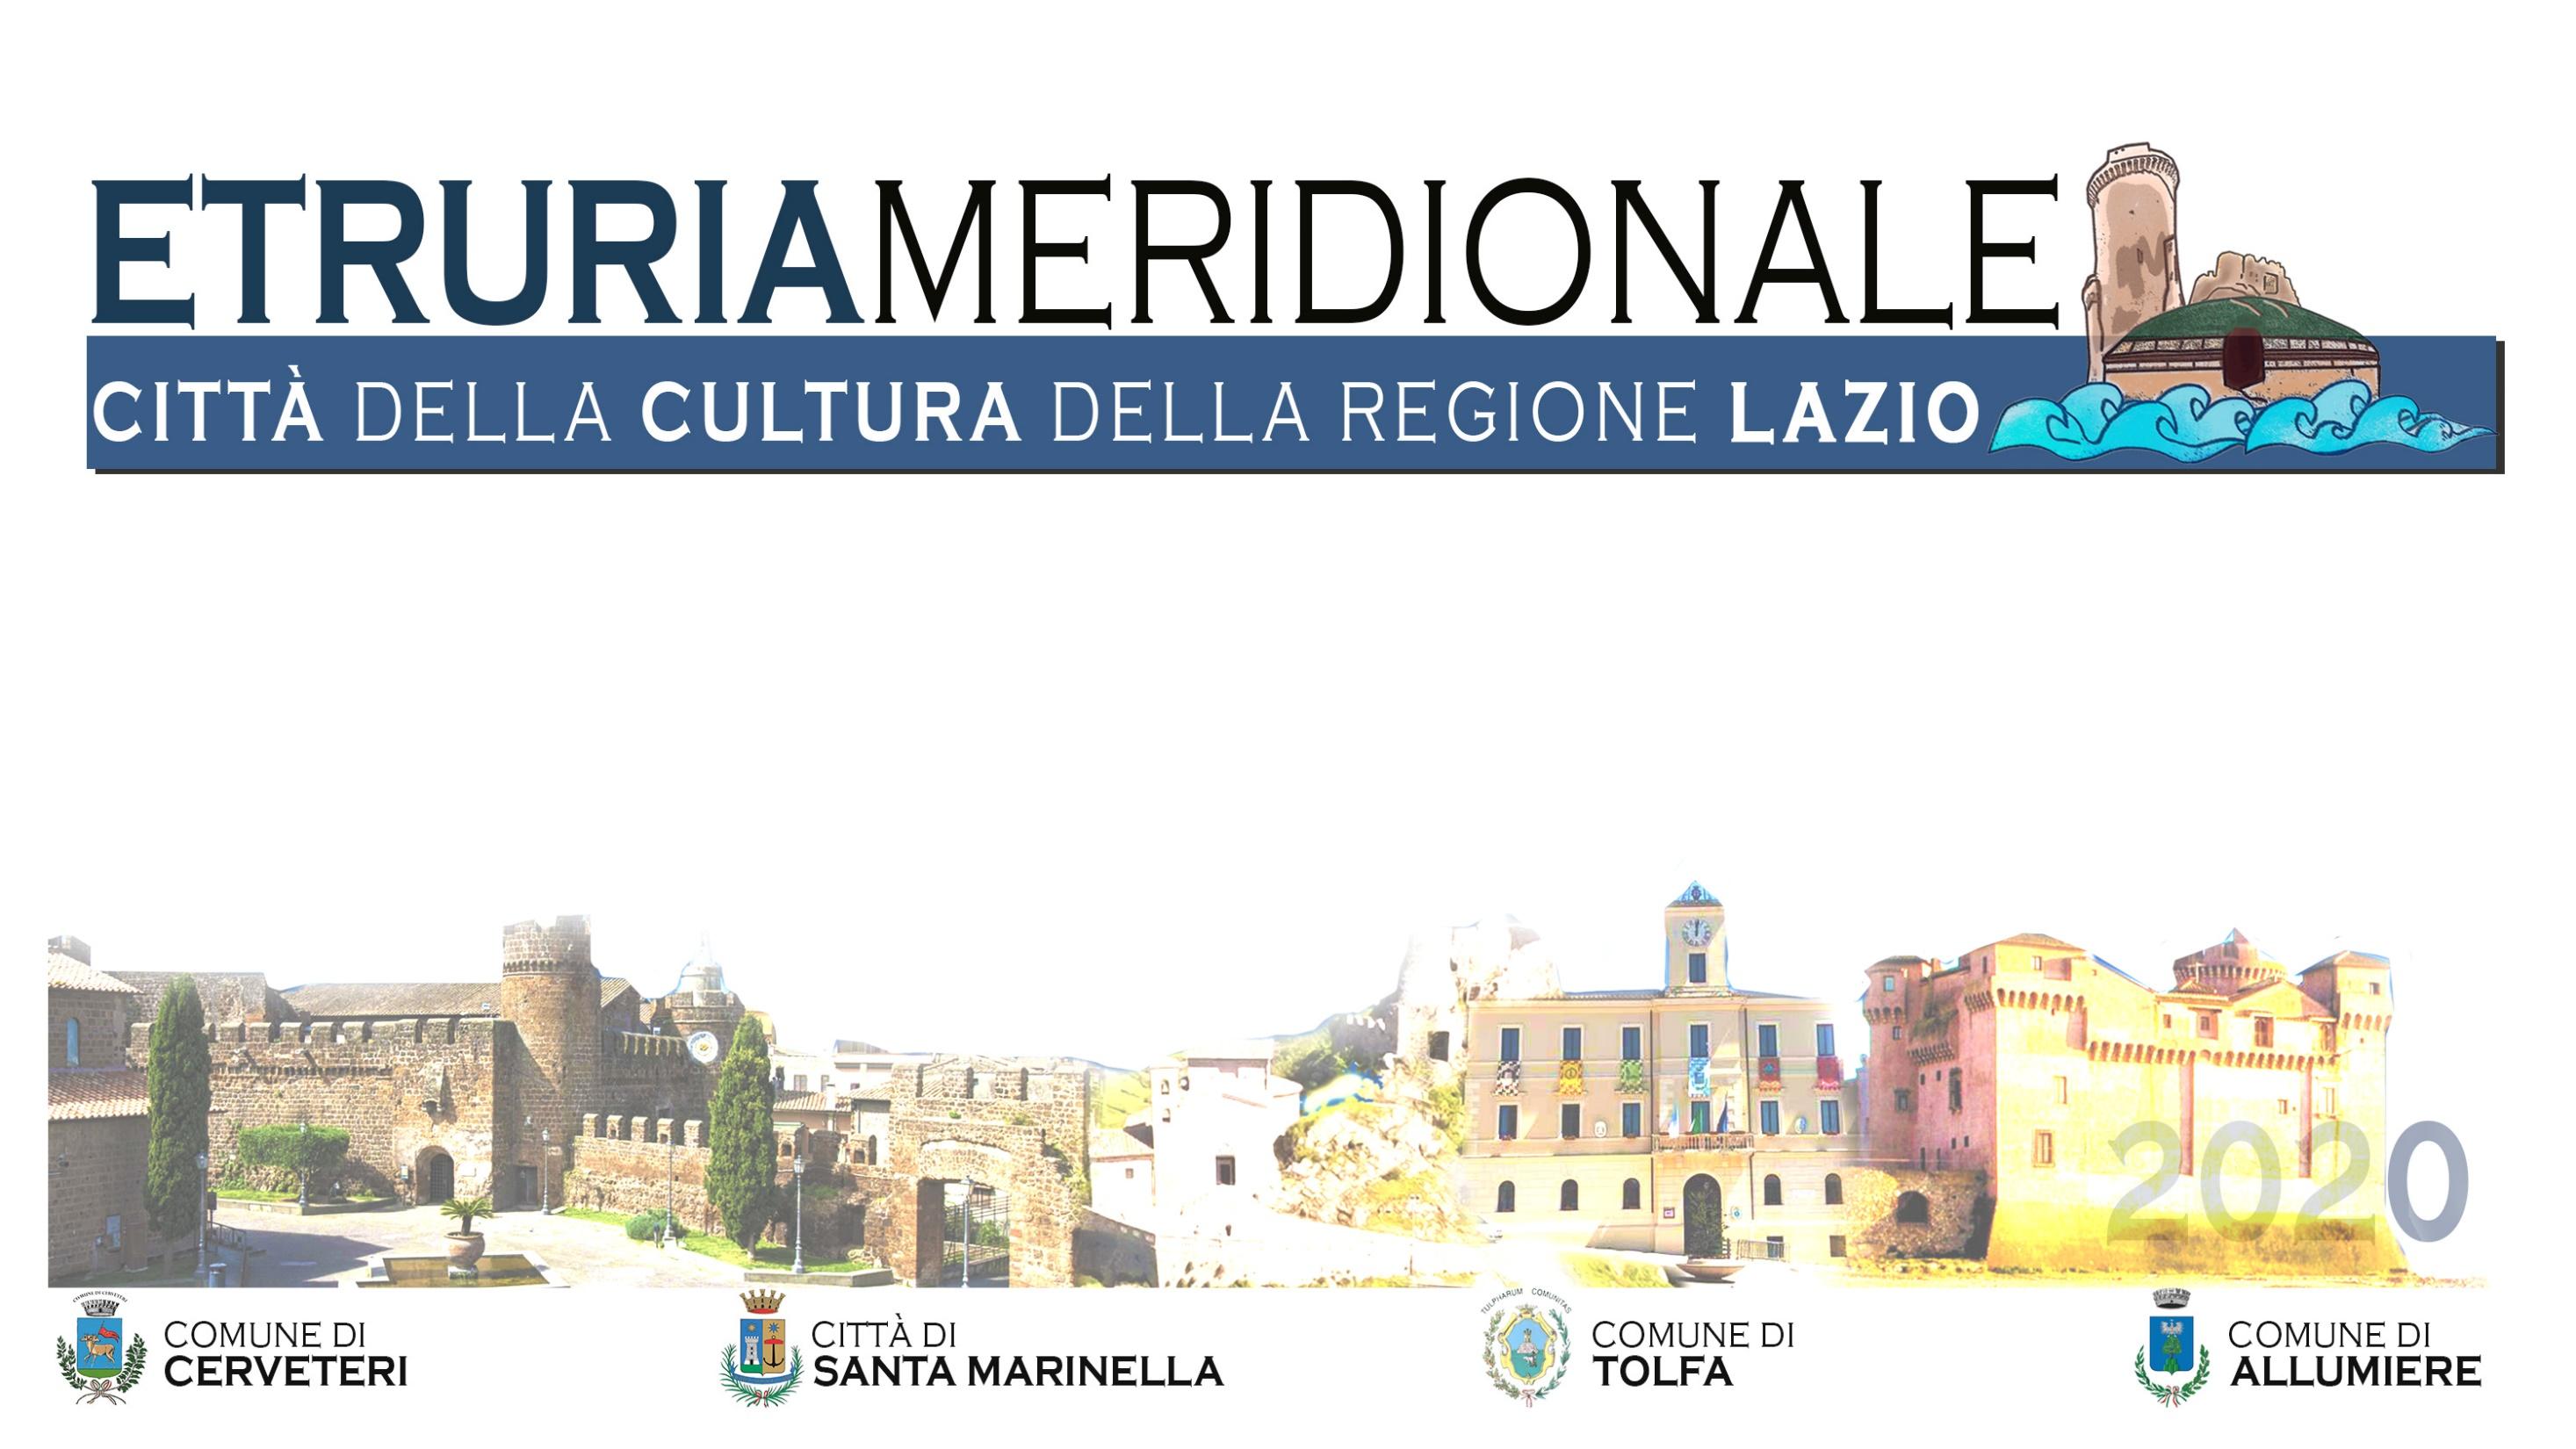 Santa Marinella, Tolfa, Cerveteri, Allumiere città della cultura del Lazio